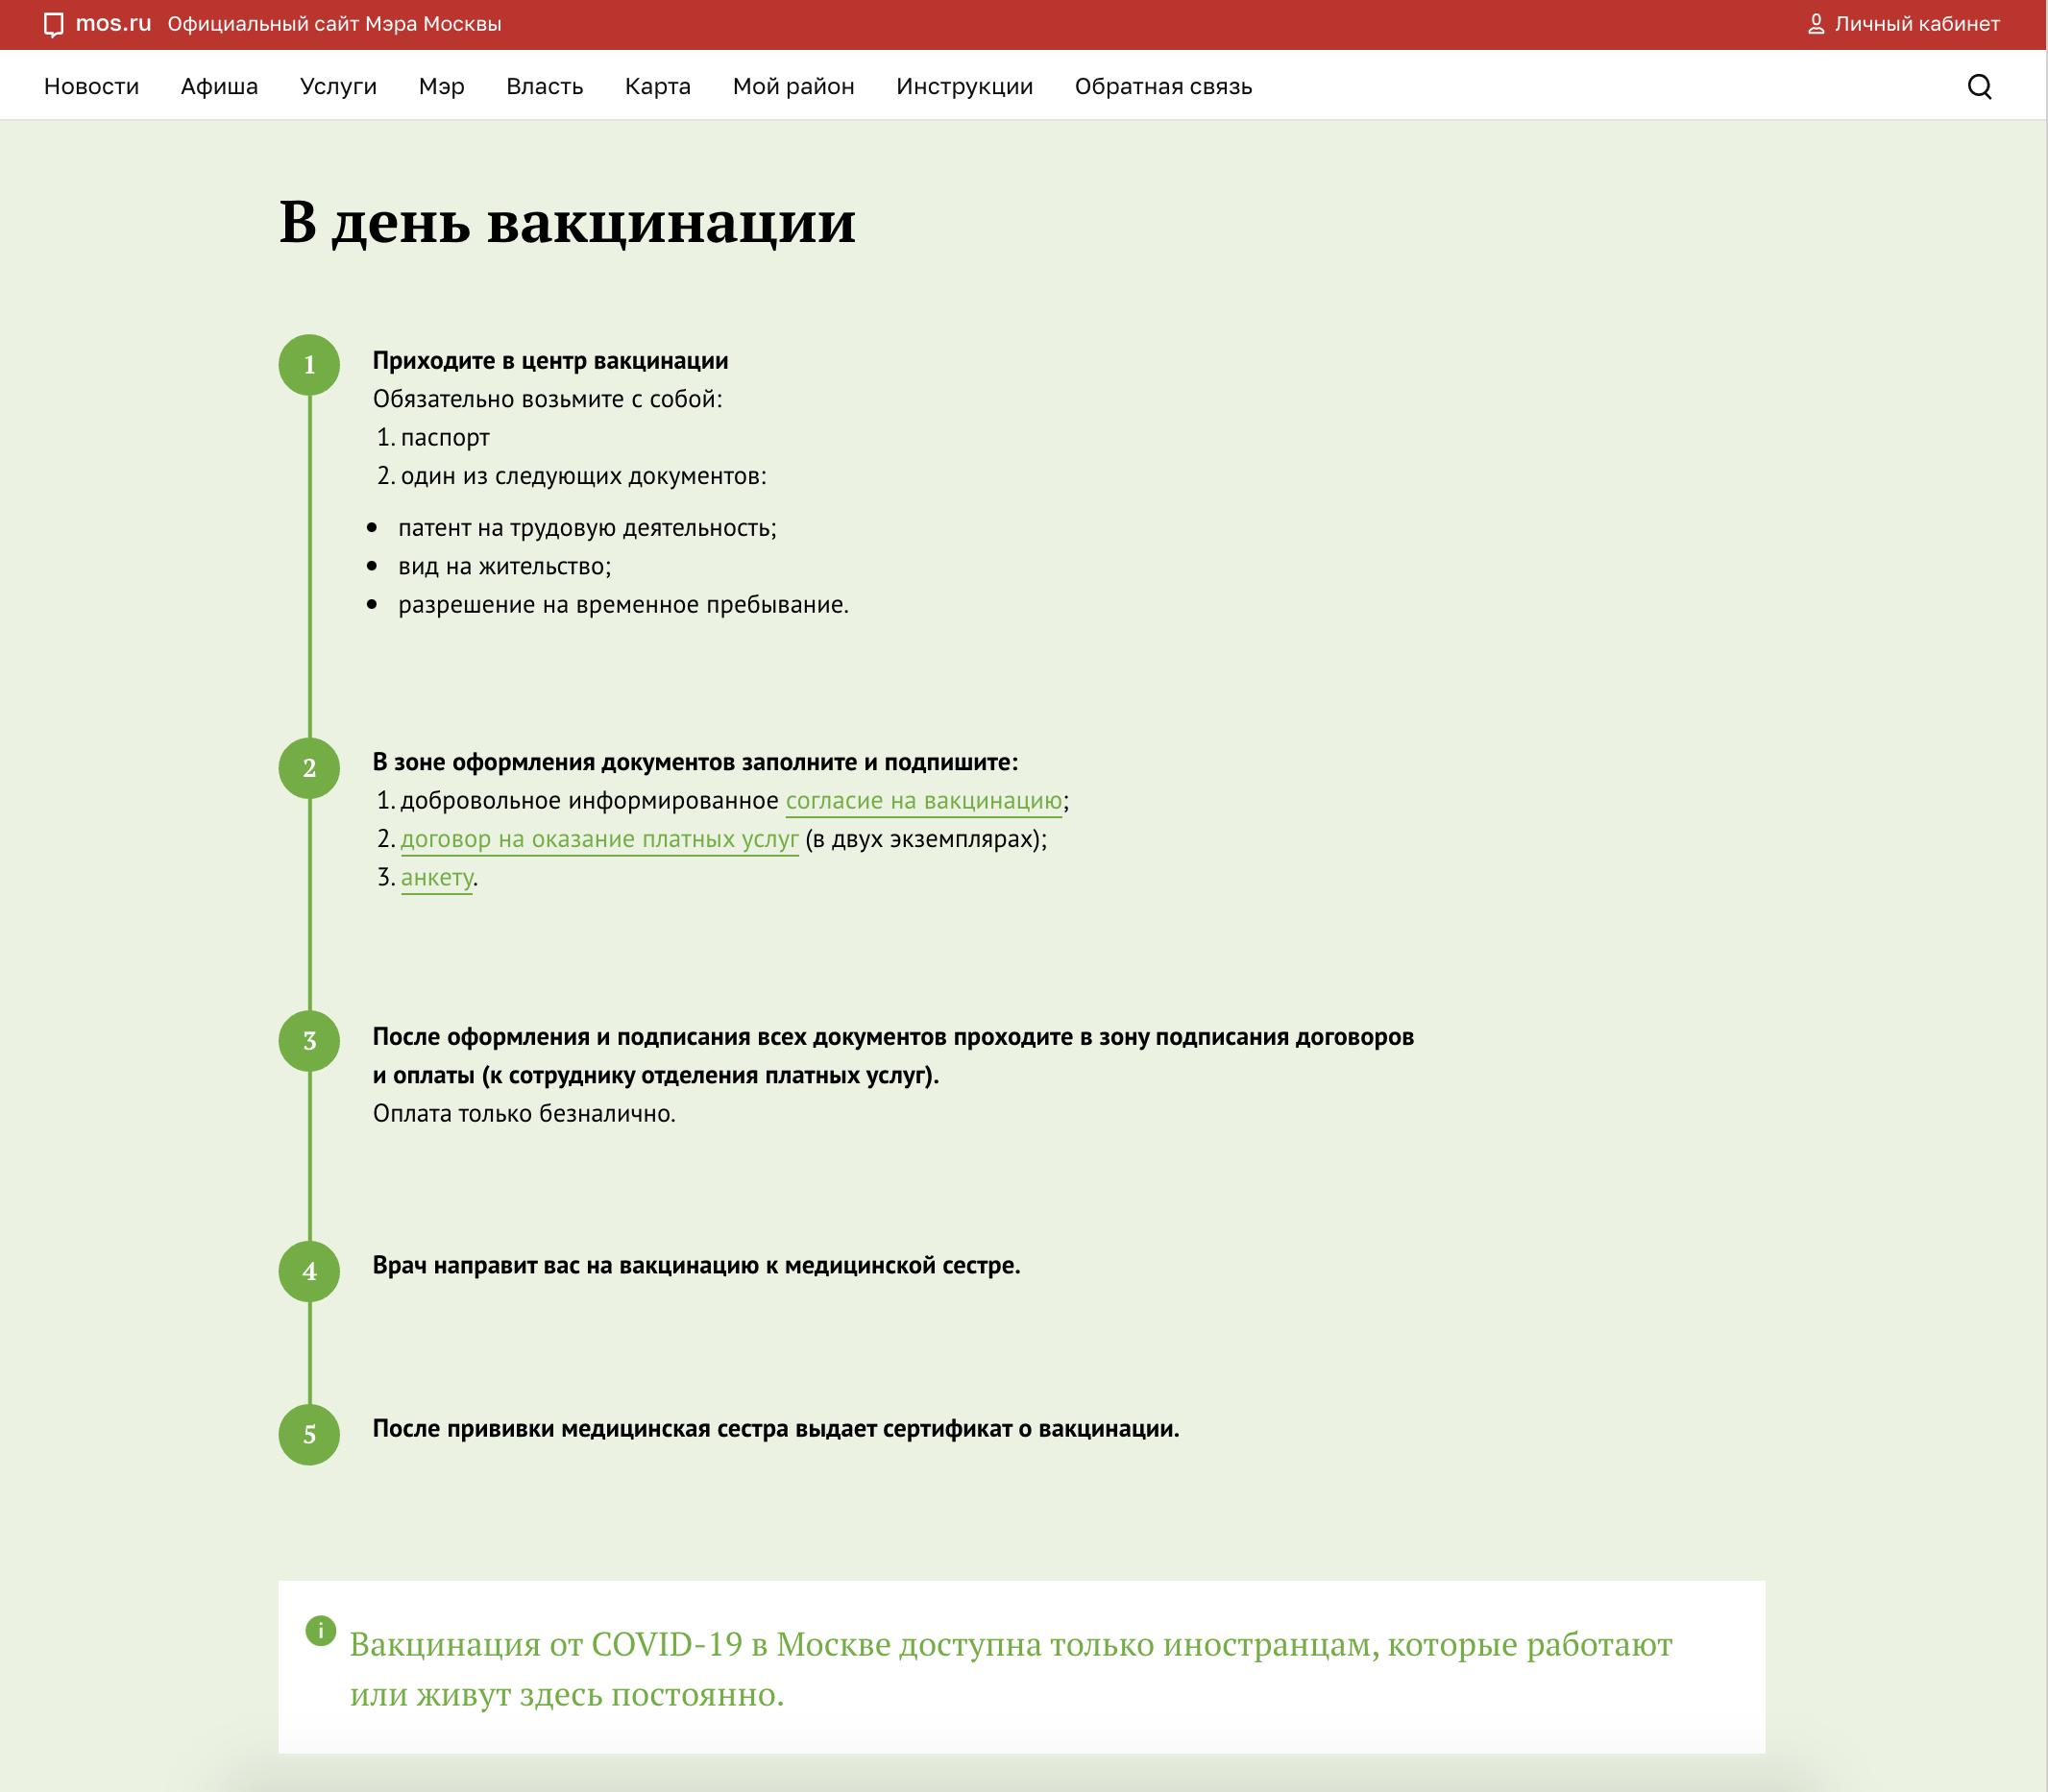 как вакцинироваться в москве иностранцу